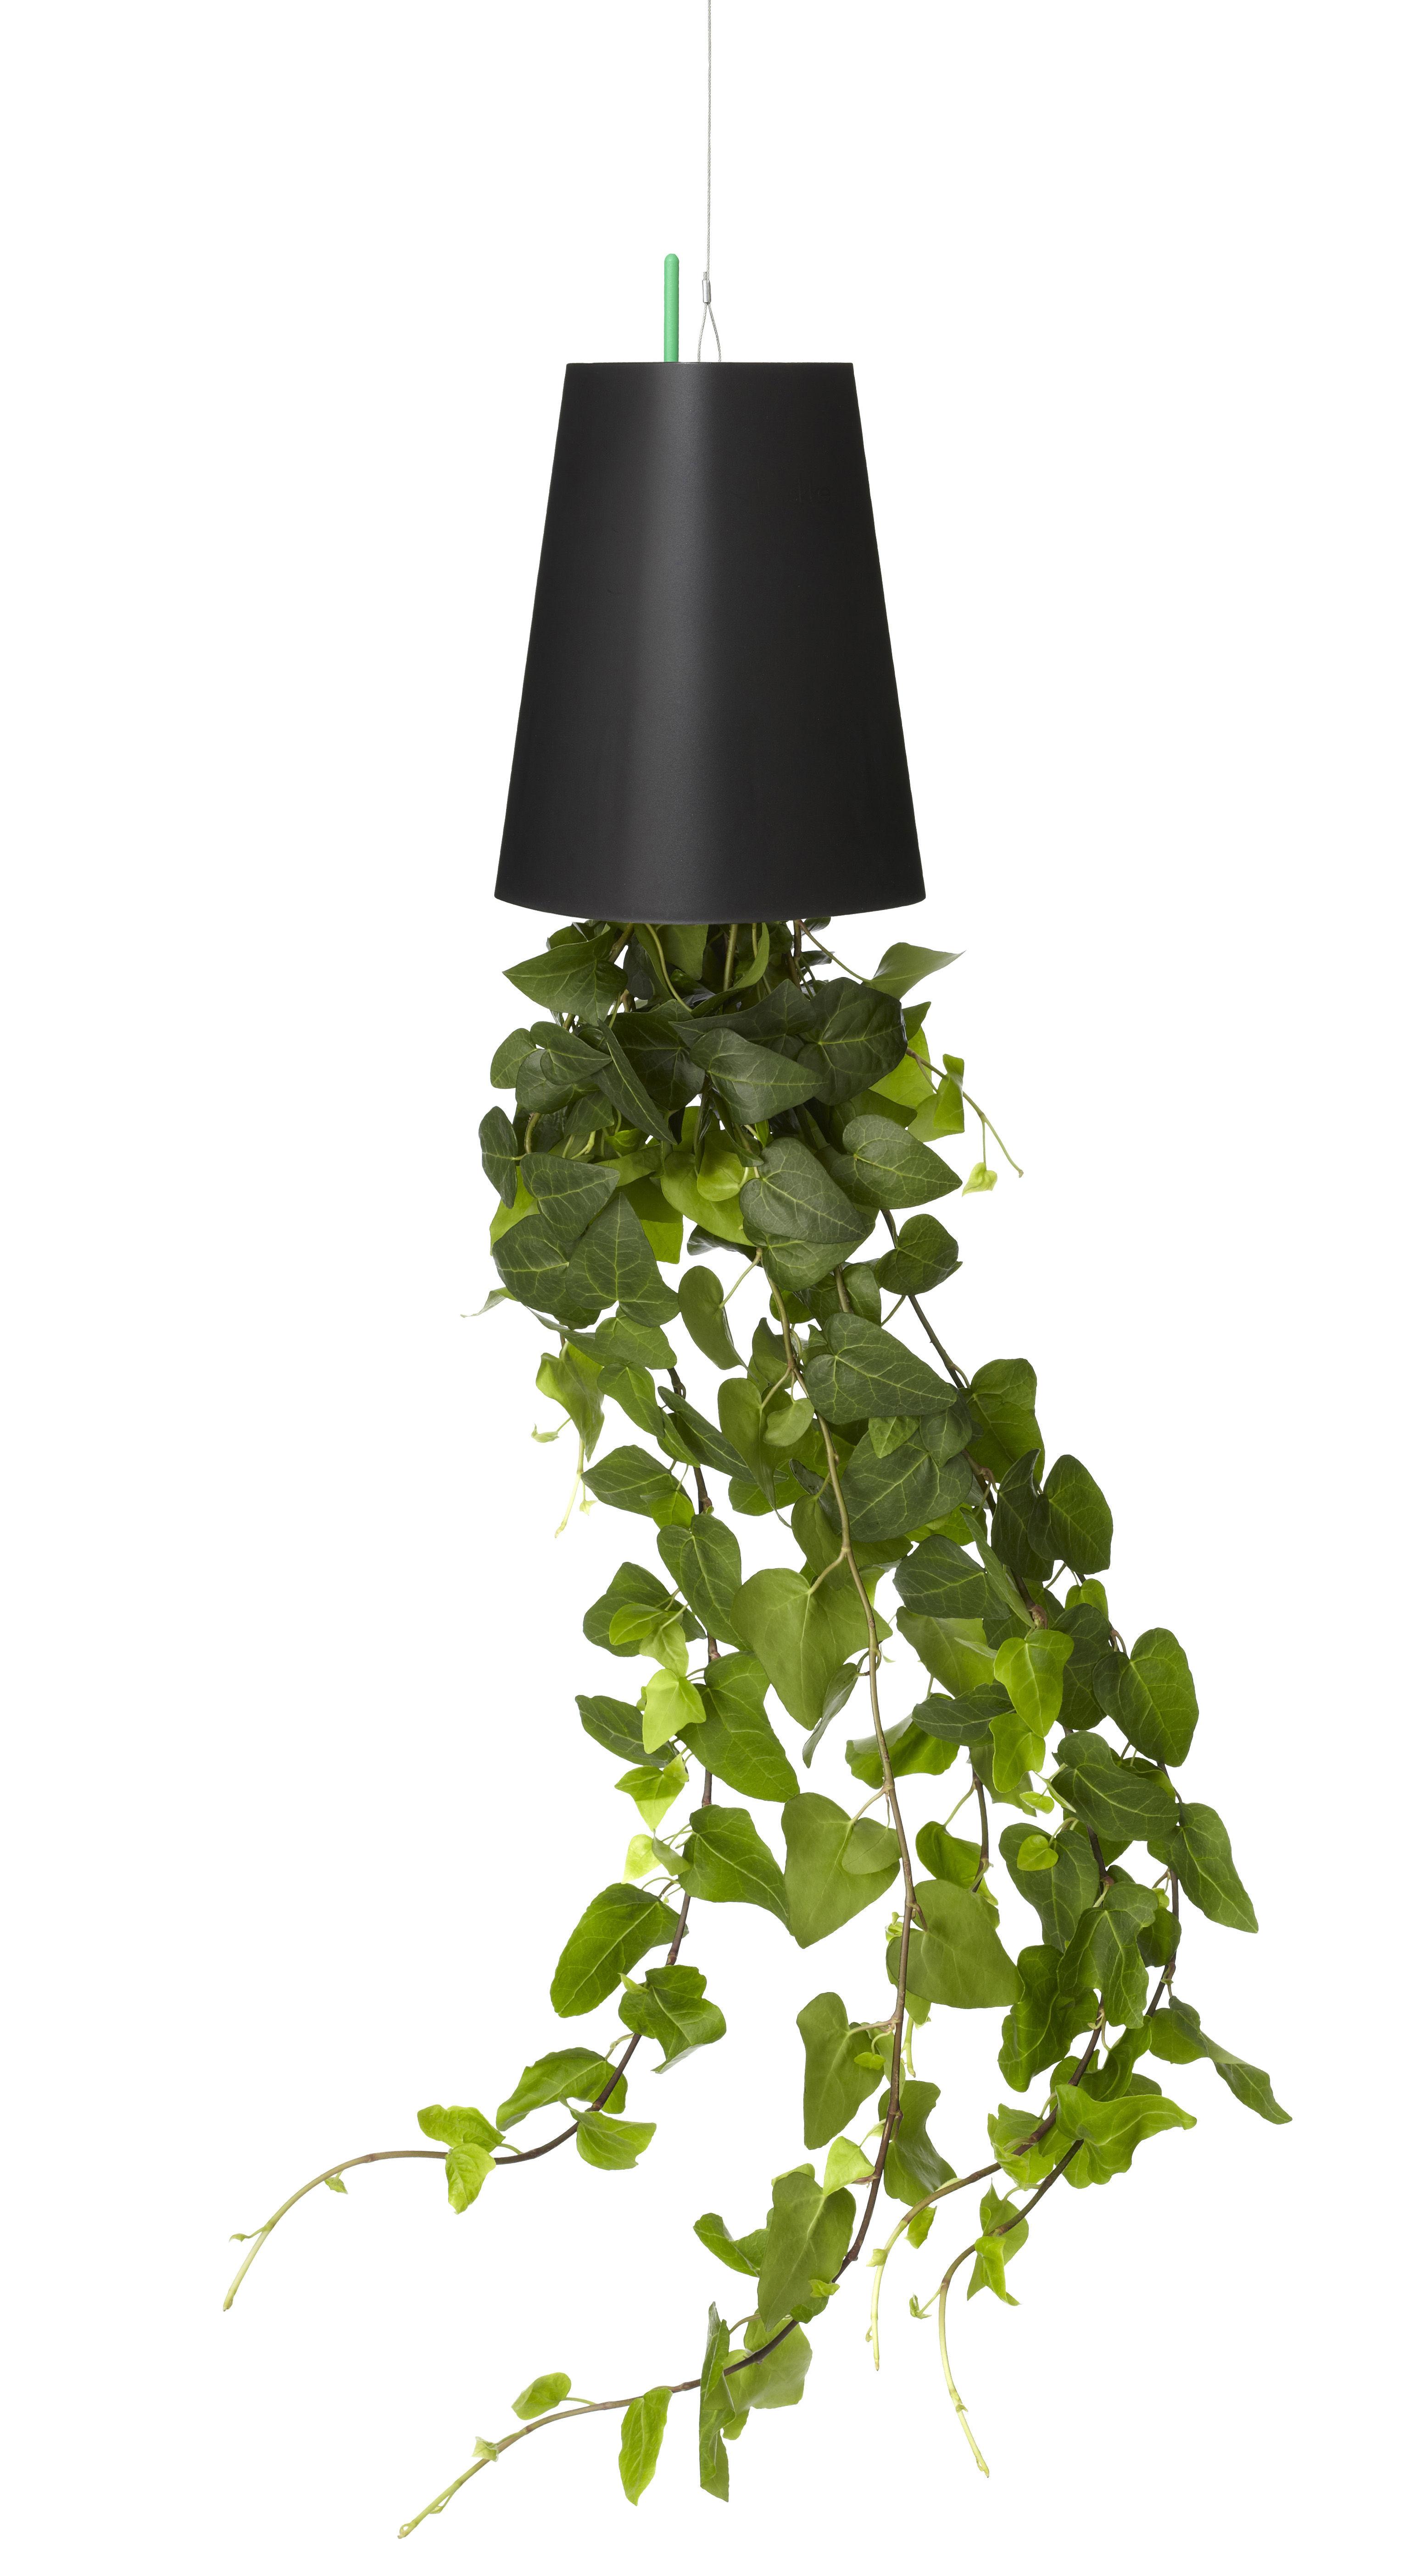 Decoration - Funny & surprising - Sky Polypropylène Flowerpot by Boskke - Black - Polypropylene